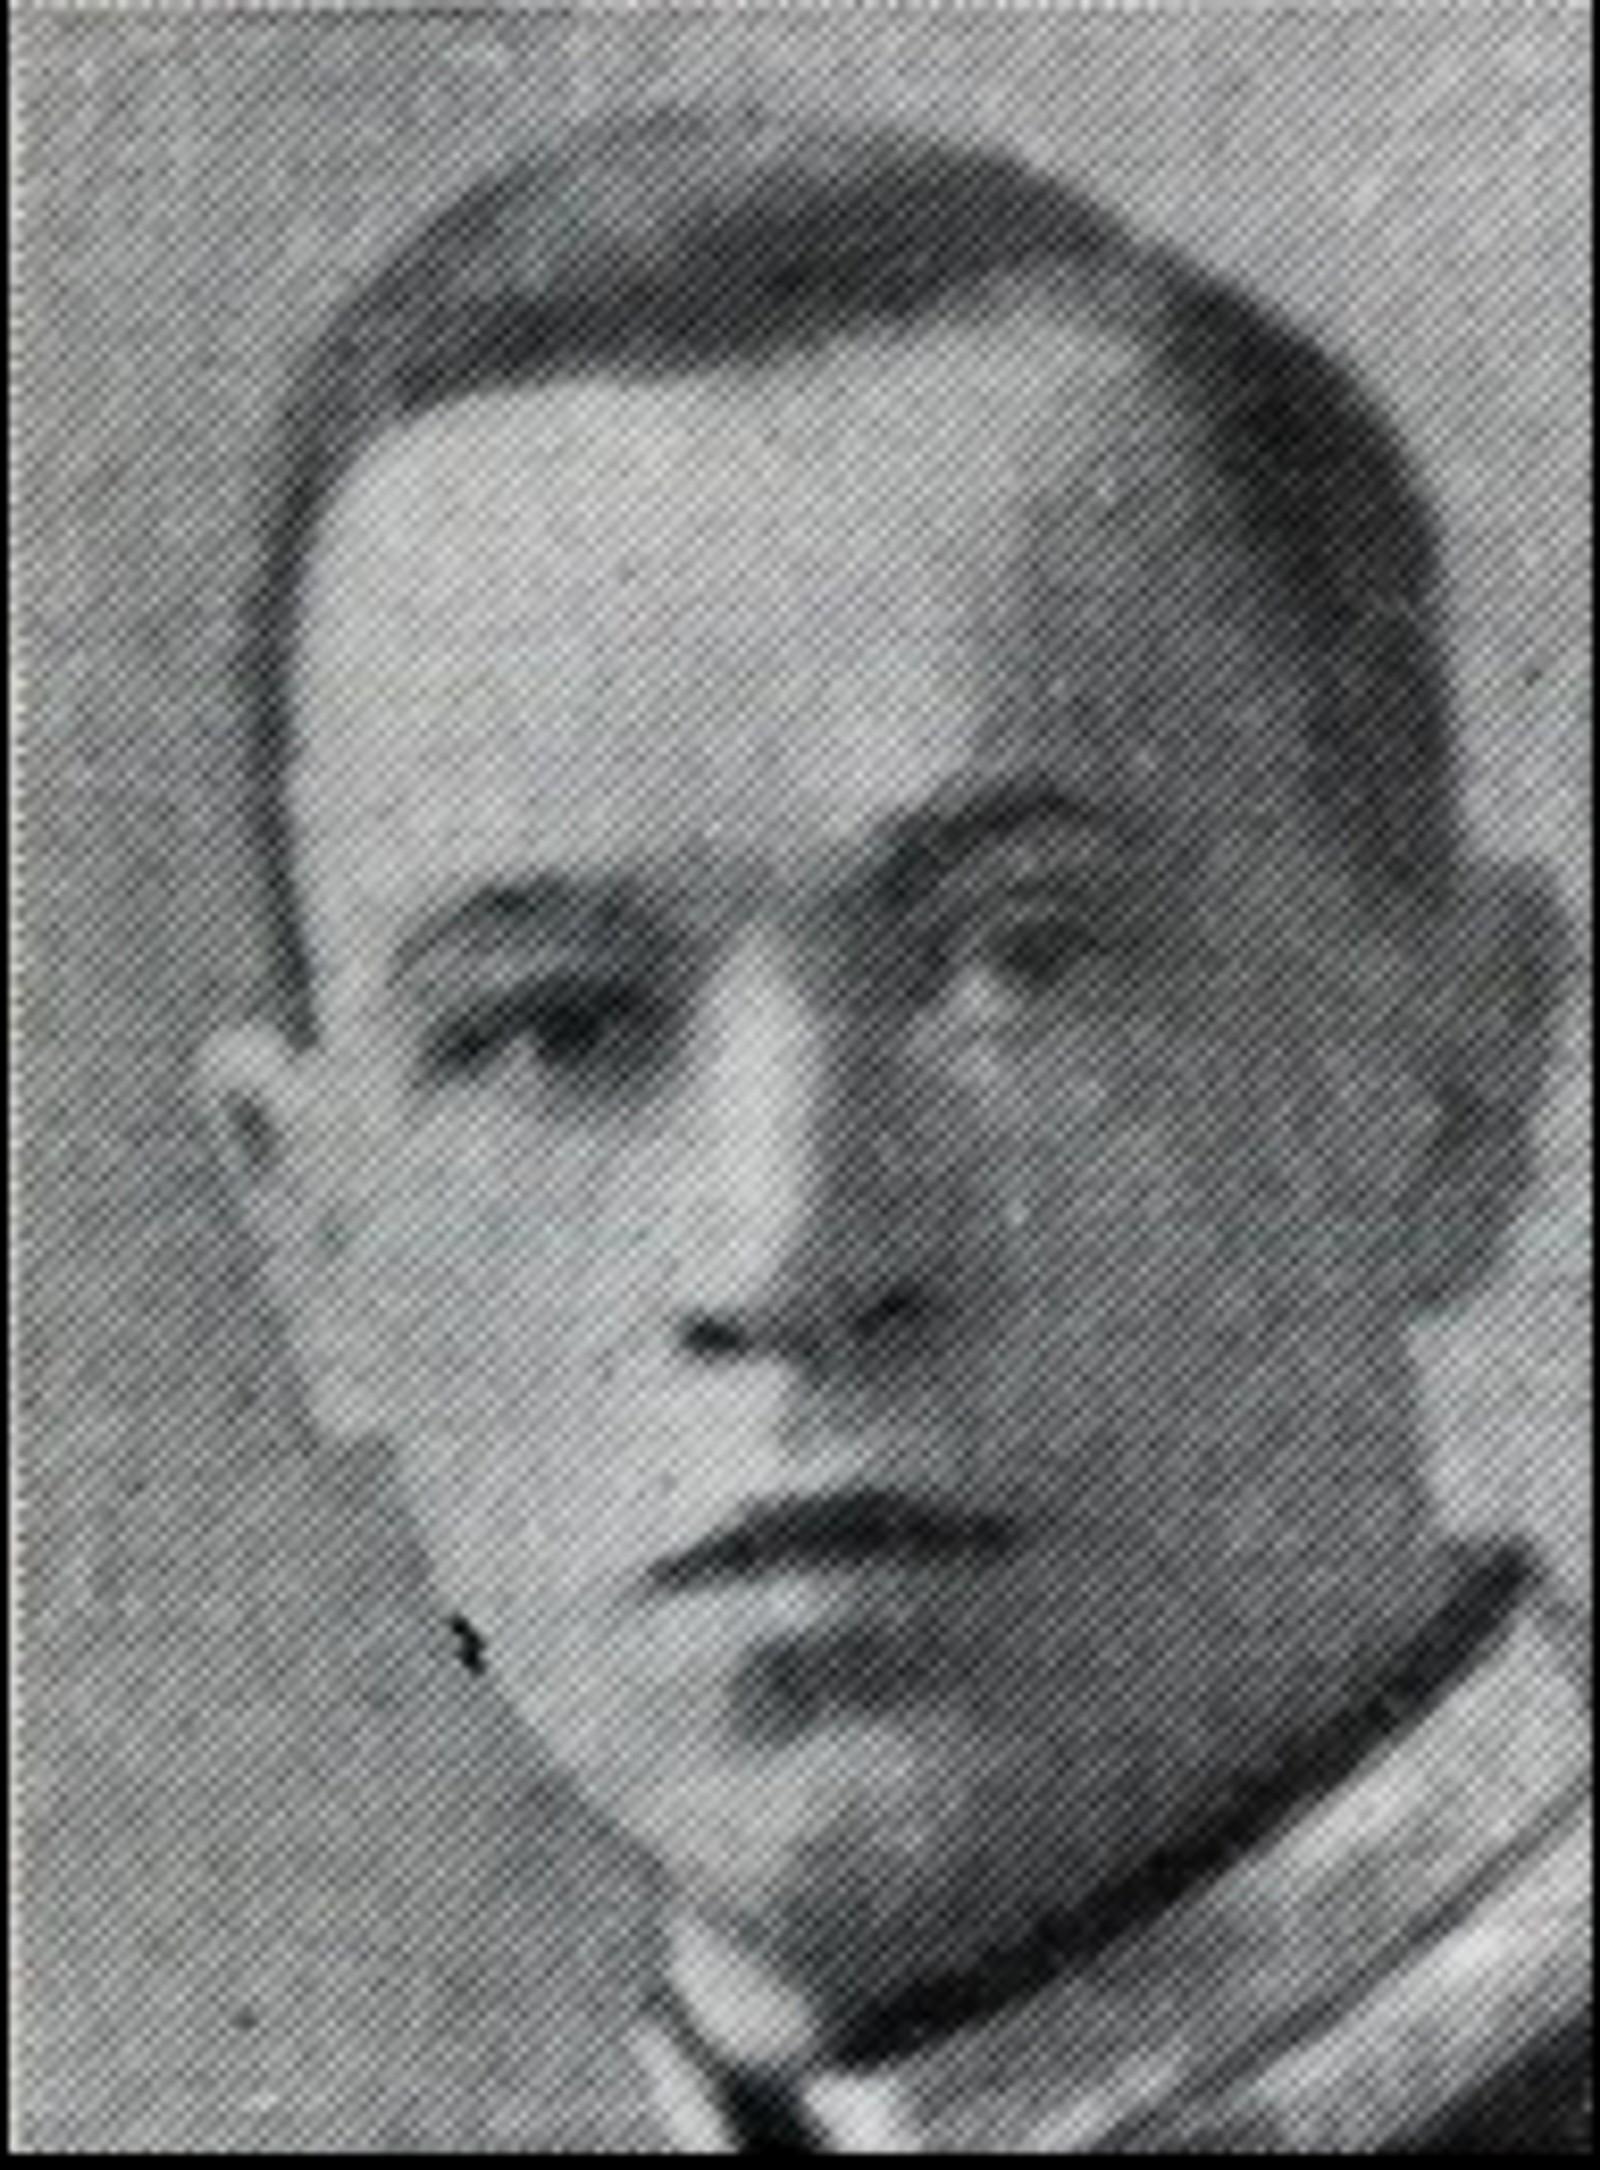 Bjarne Henry Lund: Løytnant, bodde på Mysen. Falt 11.april på Terningmoen, truffet av en bombesplint.